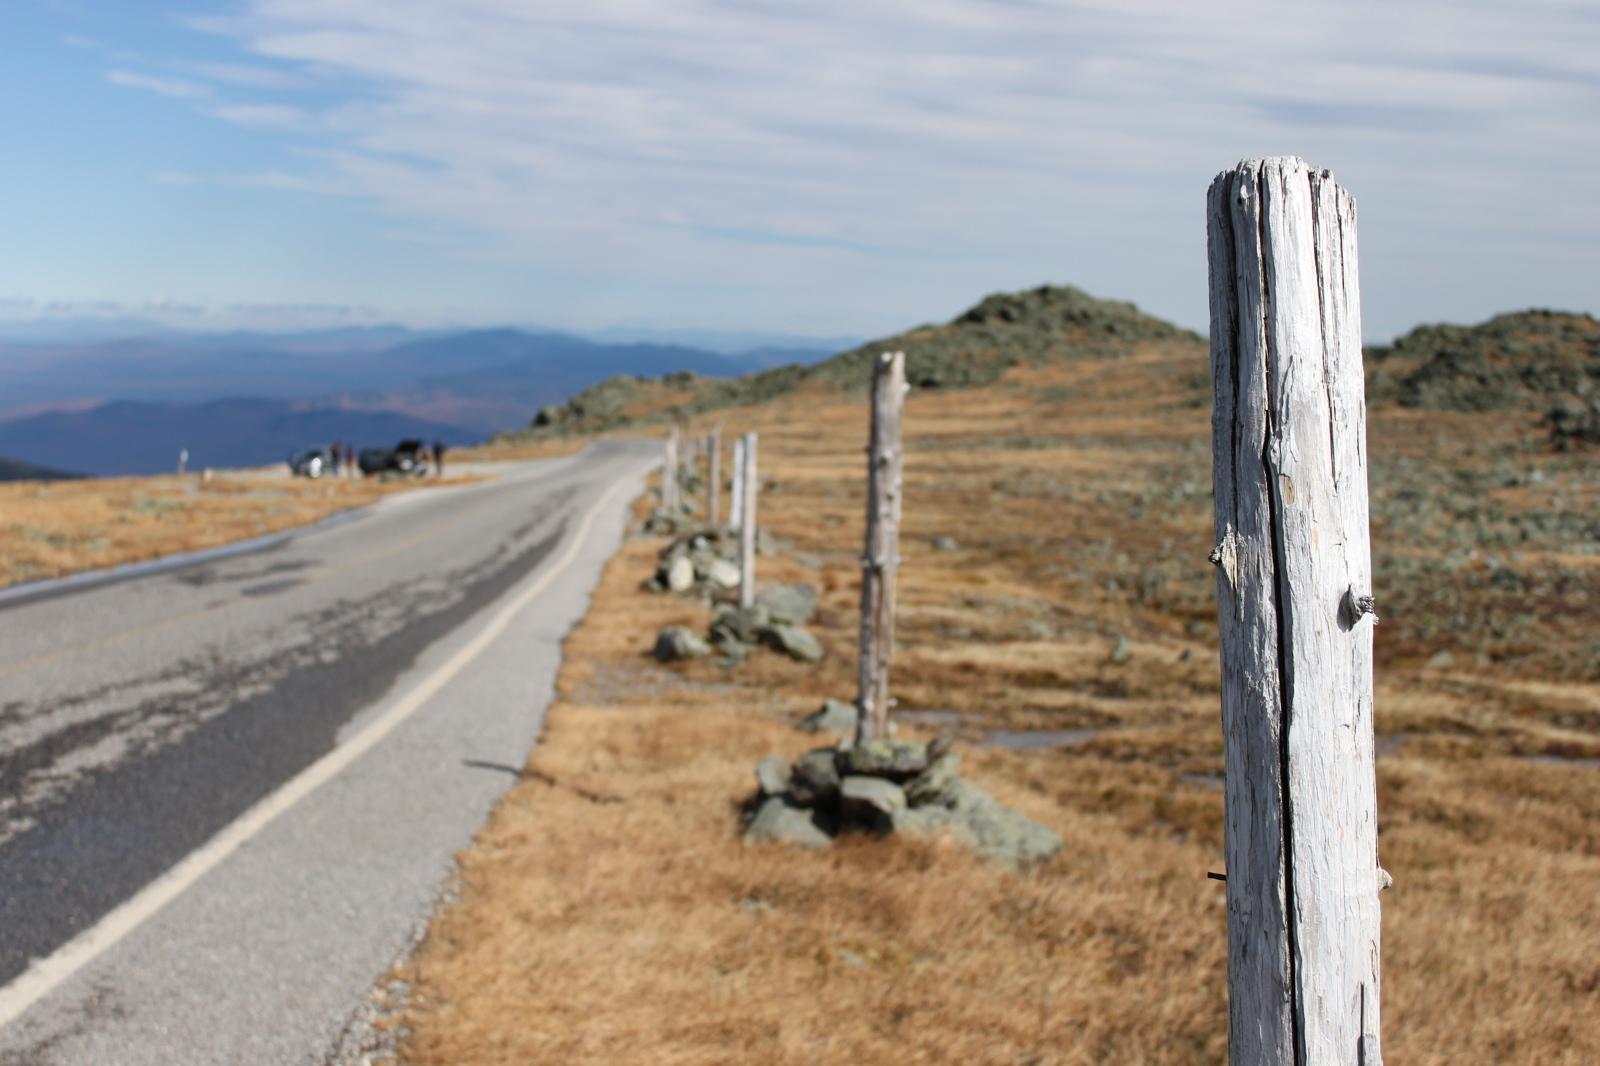 Mount Washington Auto Road - White Mountains, New Hampshire